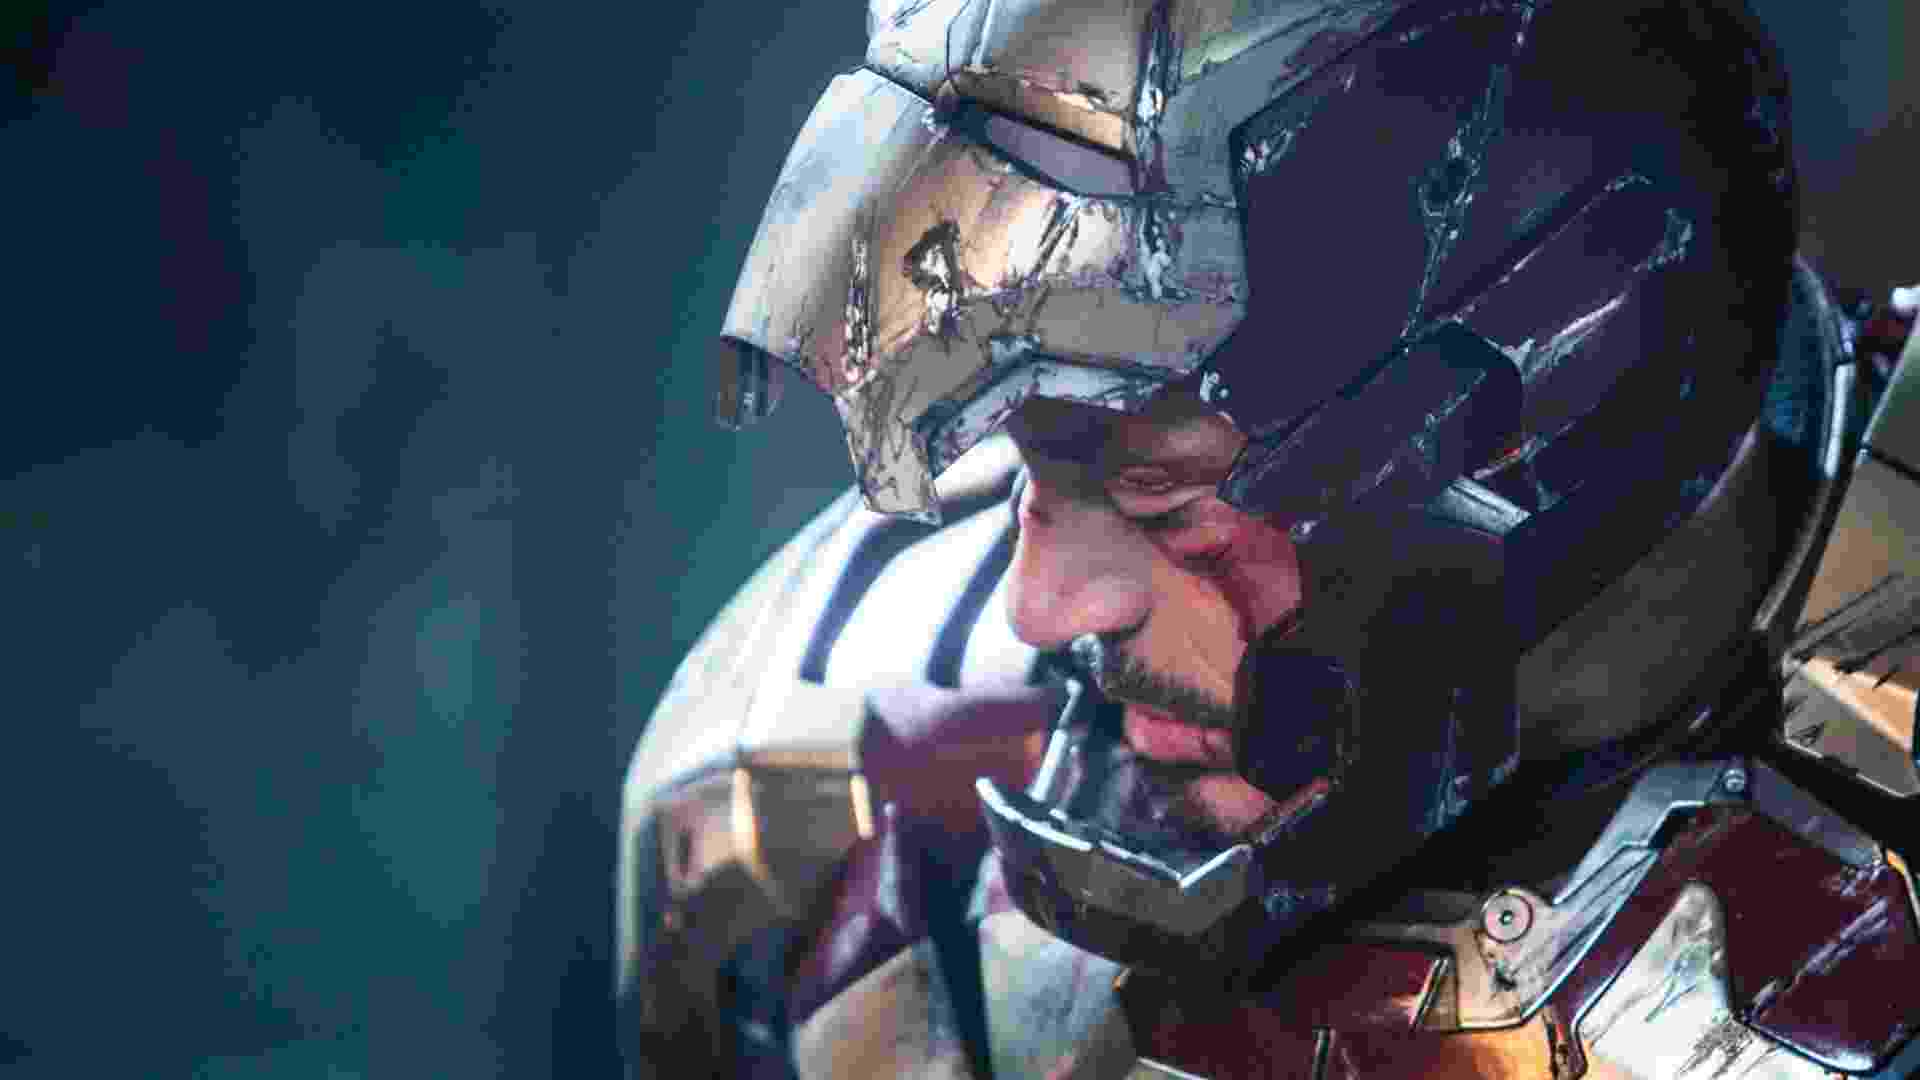 """Tony Stark (Robert Downey Jr.) aparece com a armadura riscada e o rosto sangrando em nova imagem de """"Homem de Ferro 3"""". O filme chega nos cinemas brasileiros em abril de 2013 - Divulgação"""